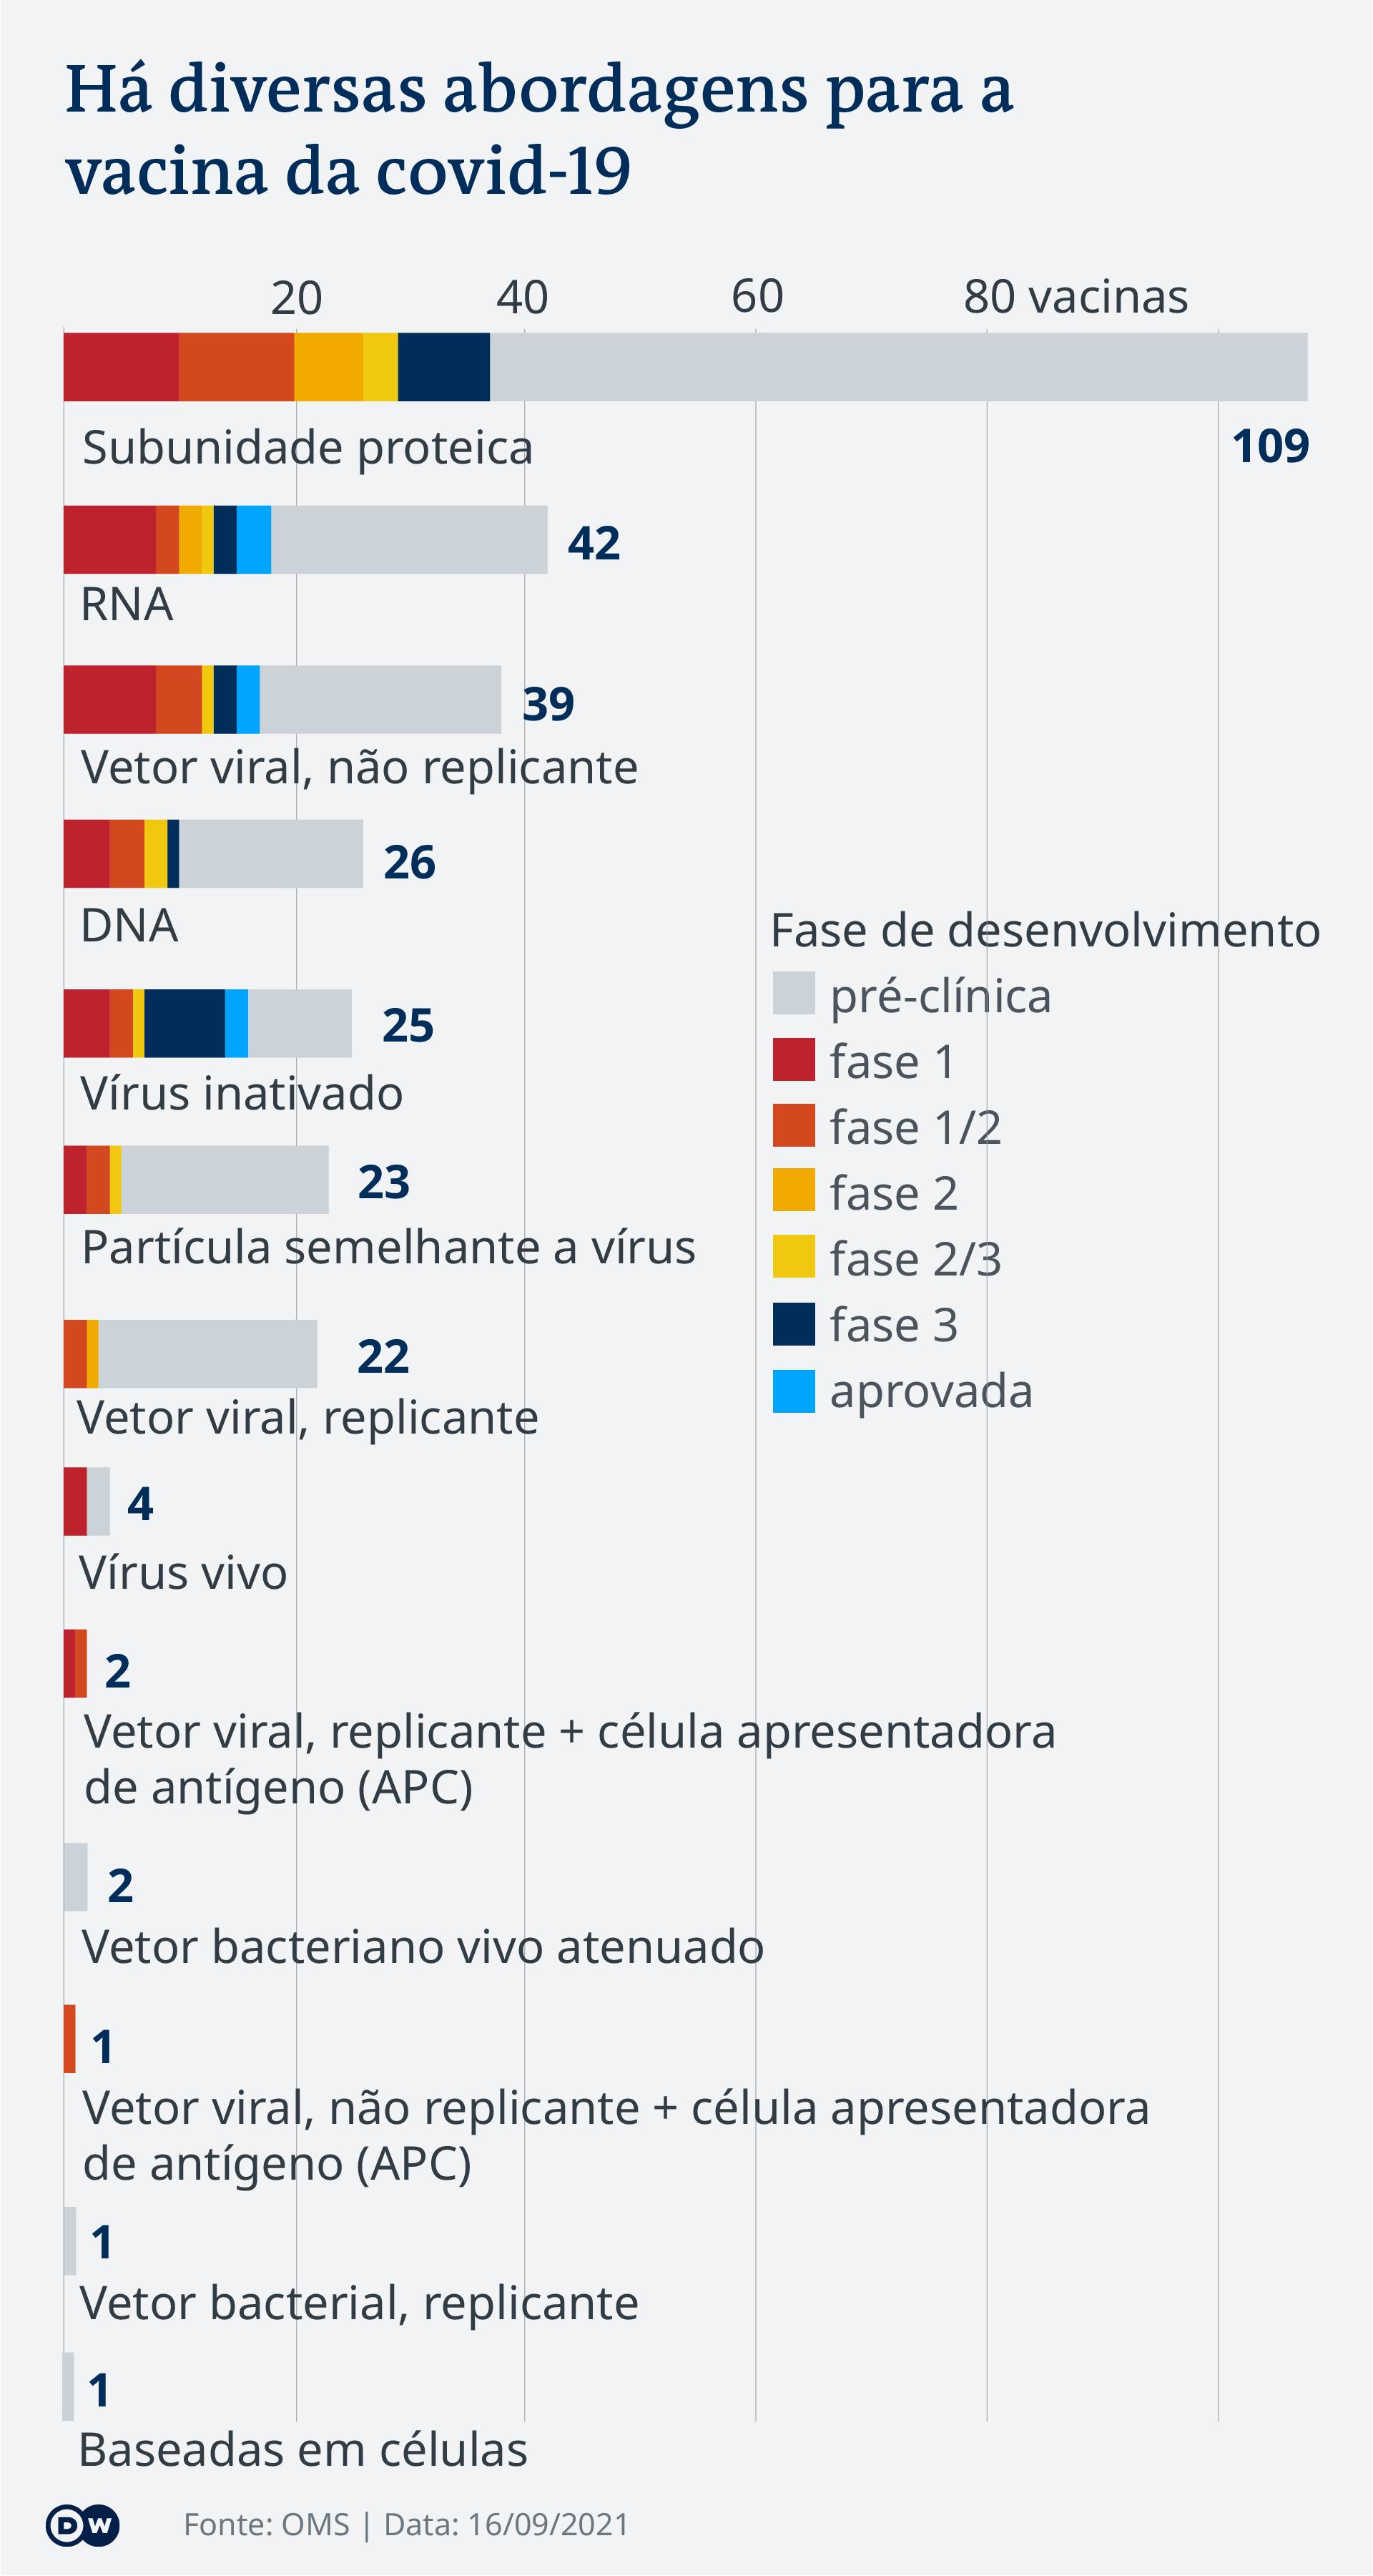 Que tipos de vacina estão sendo desenvolvidos?